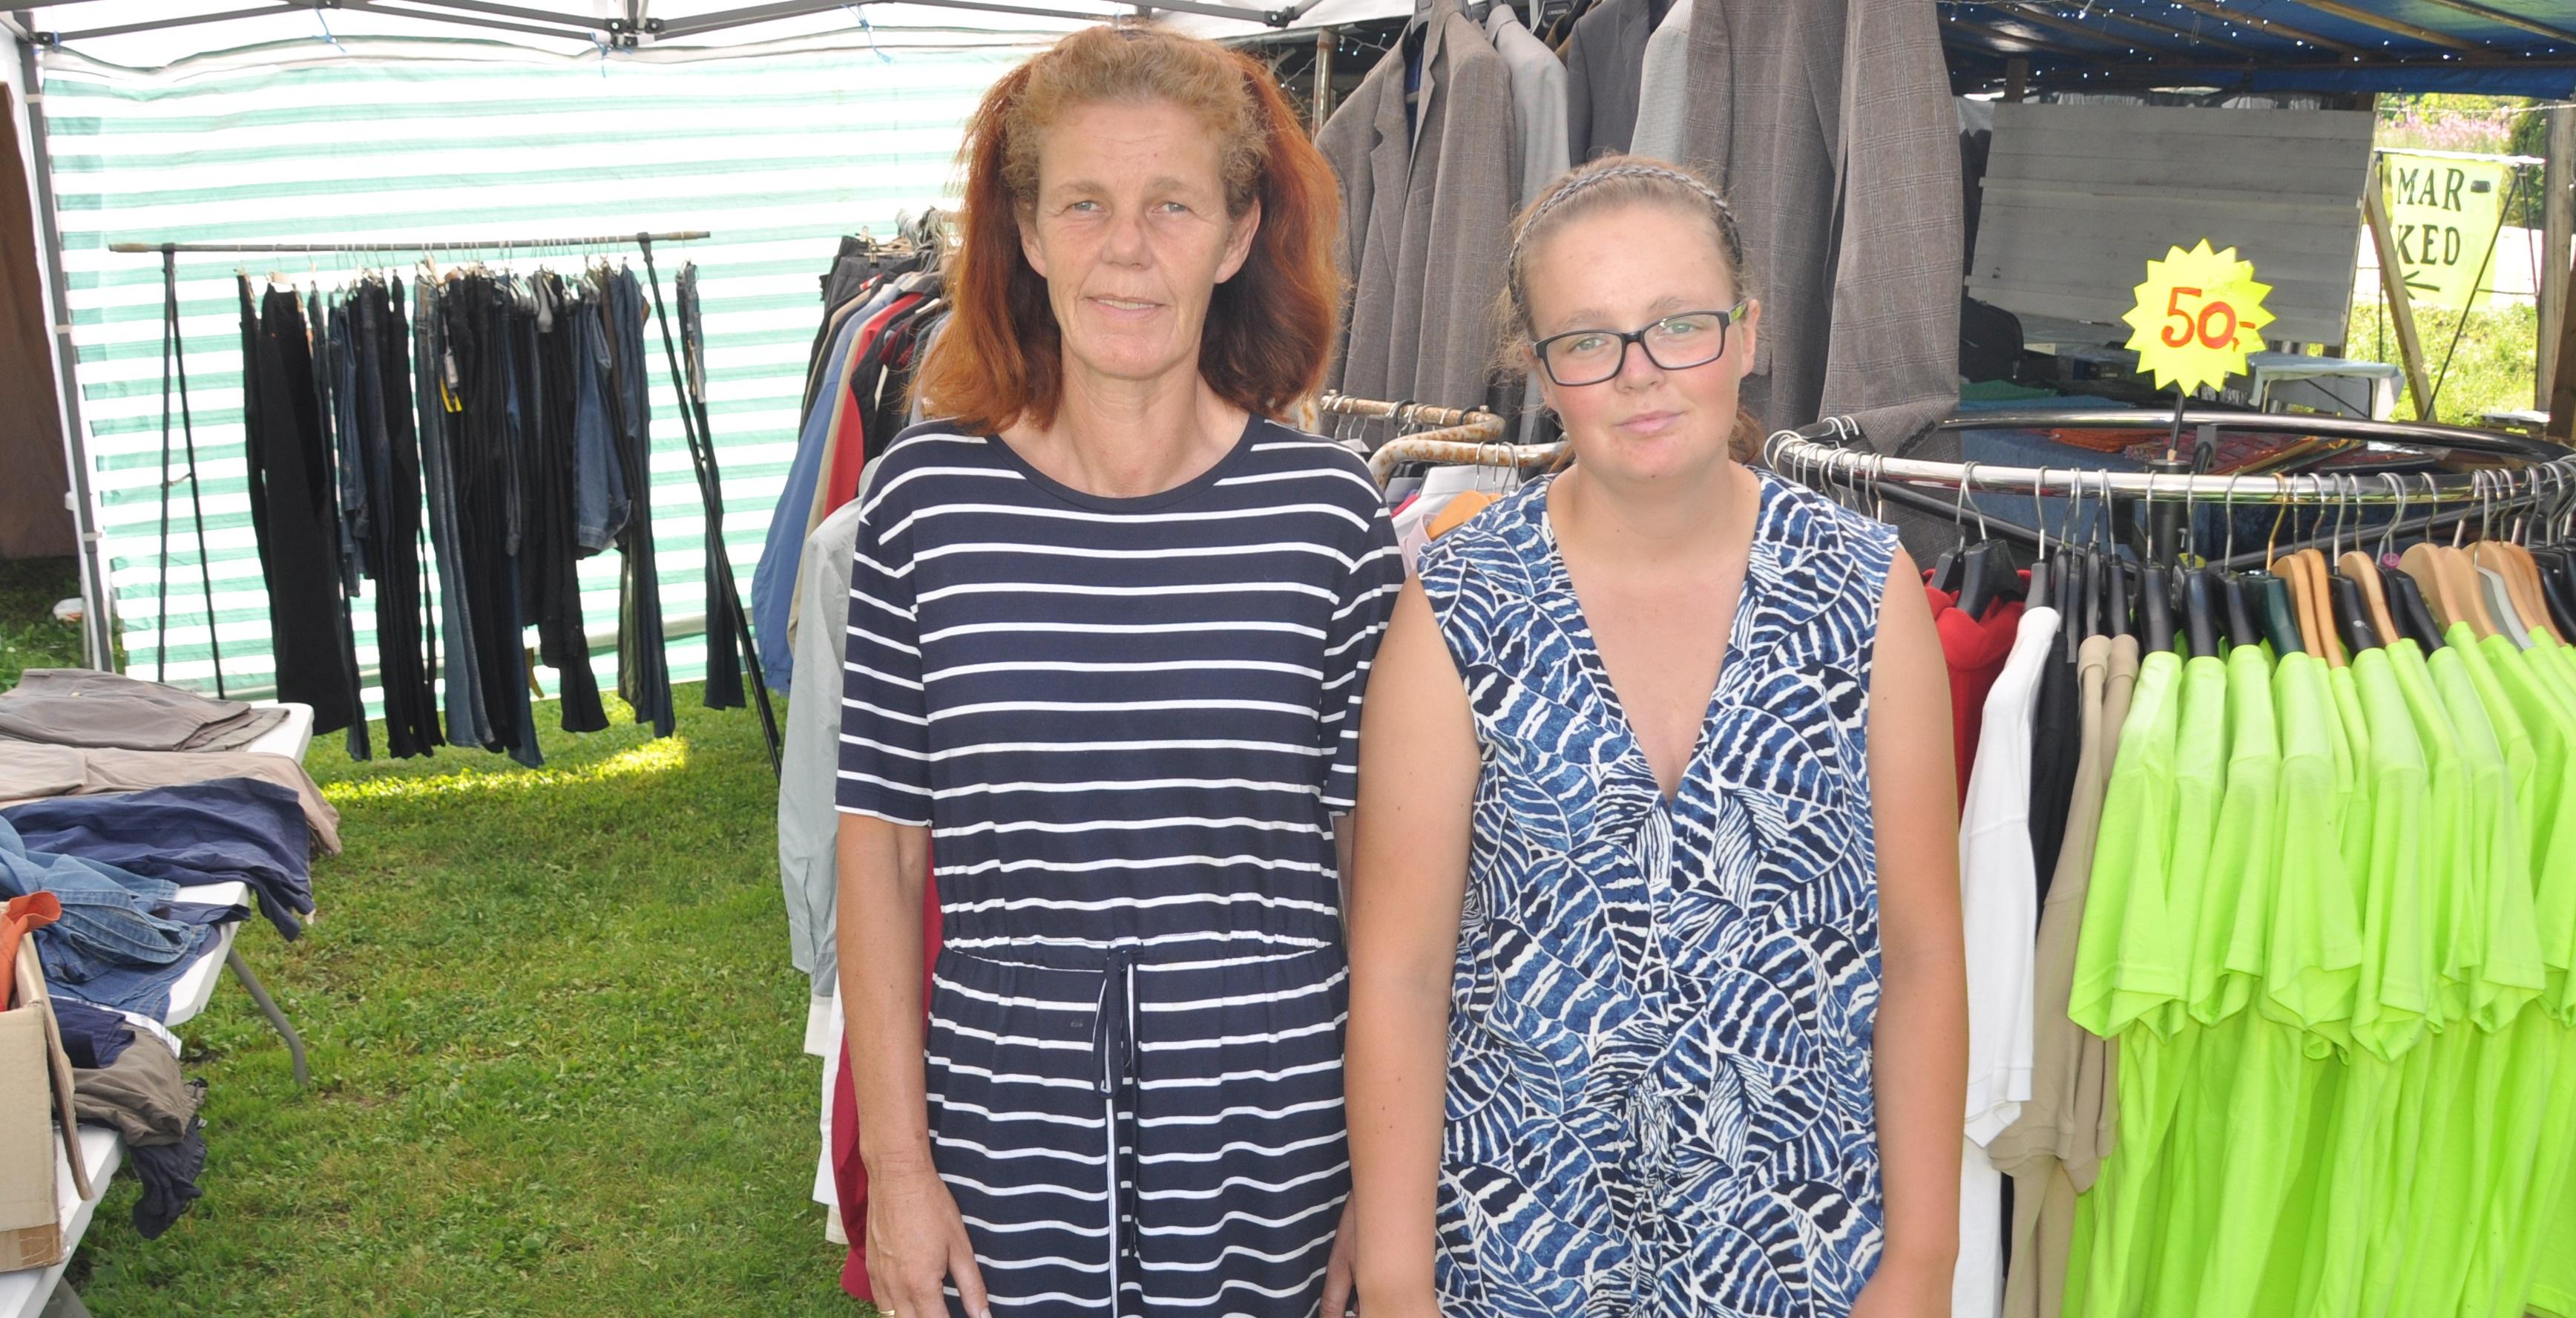 Søndag arrangerer Mona Lisa Grimsrud og datteren årets Høstmarked på Vold stasjonen i Skien